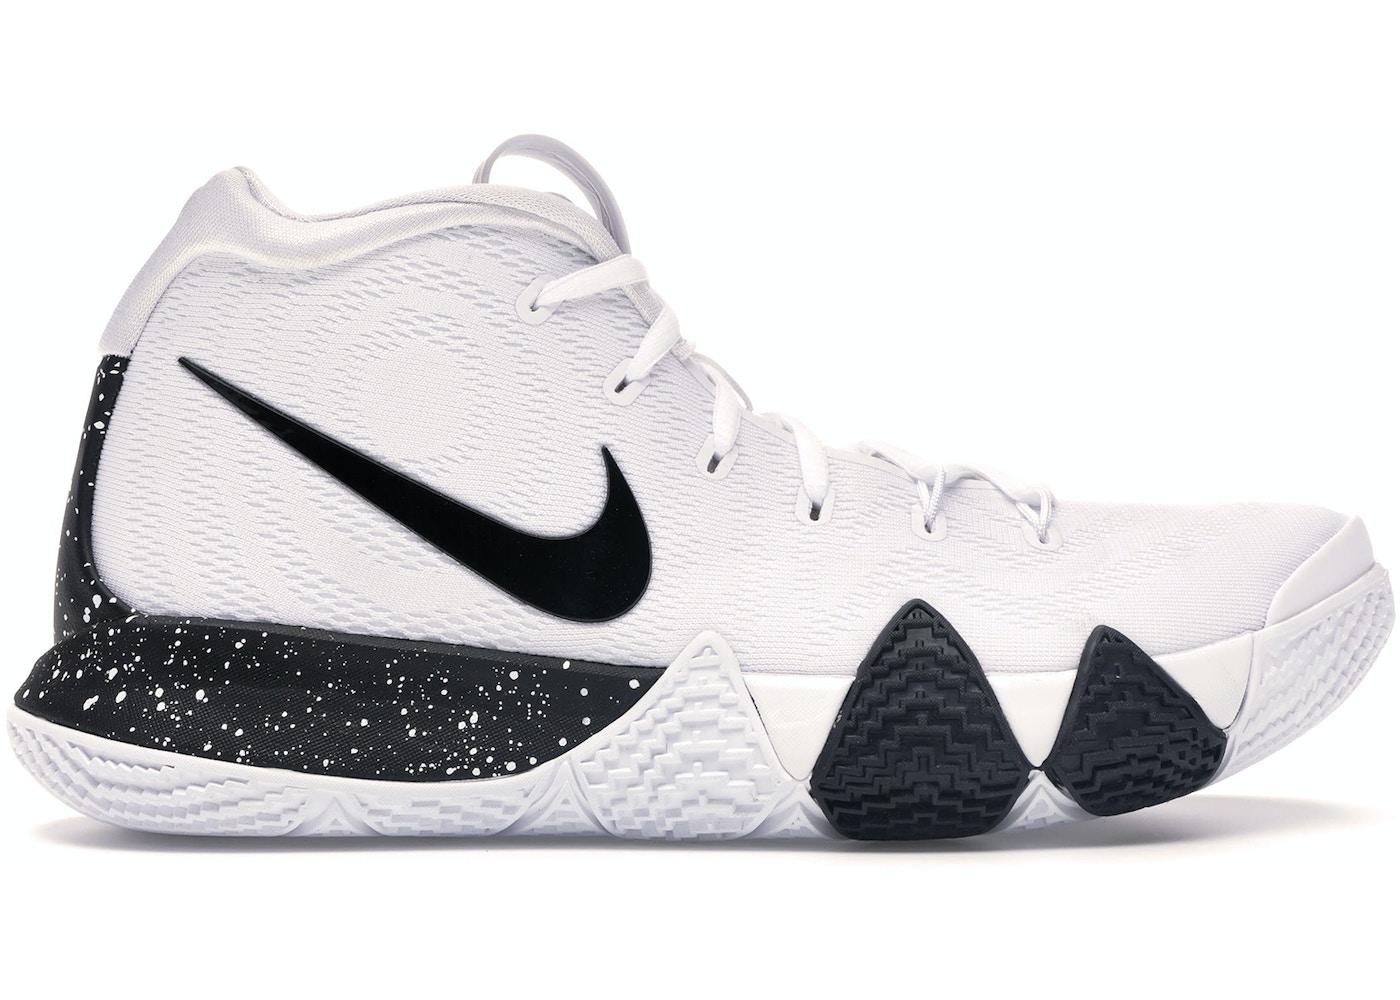 separation shoes 0c315 d77e1 Kyrie 4 White Black